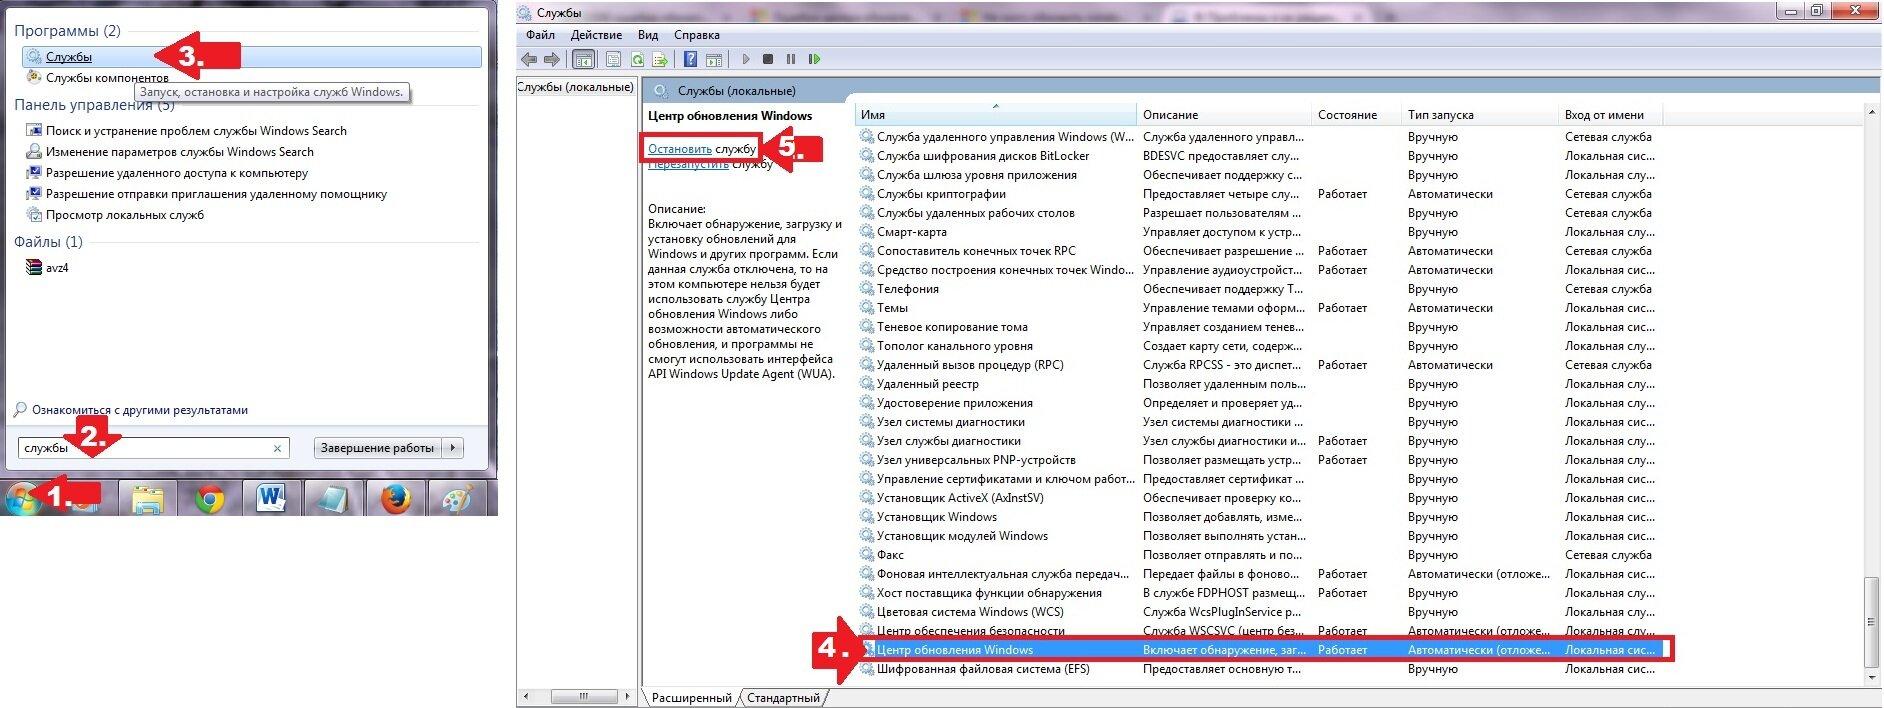 отмена изменений обновлений windows 7